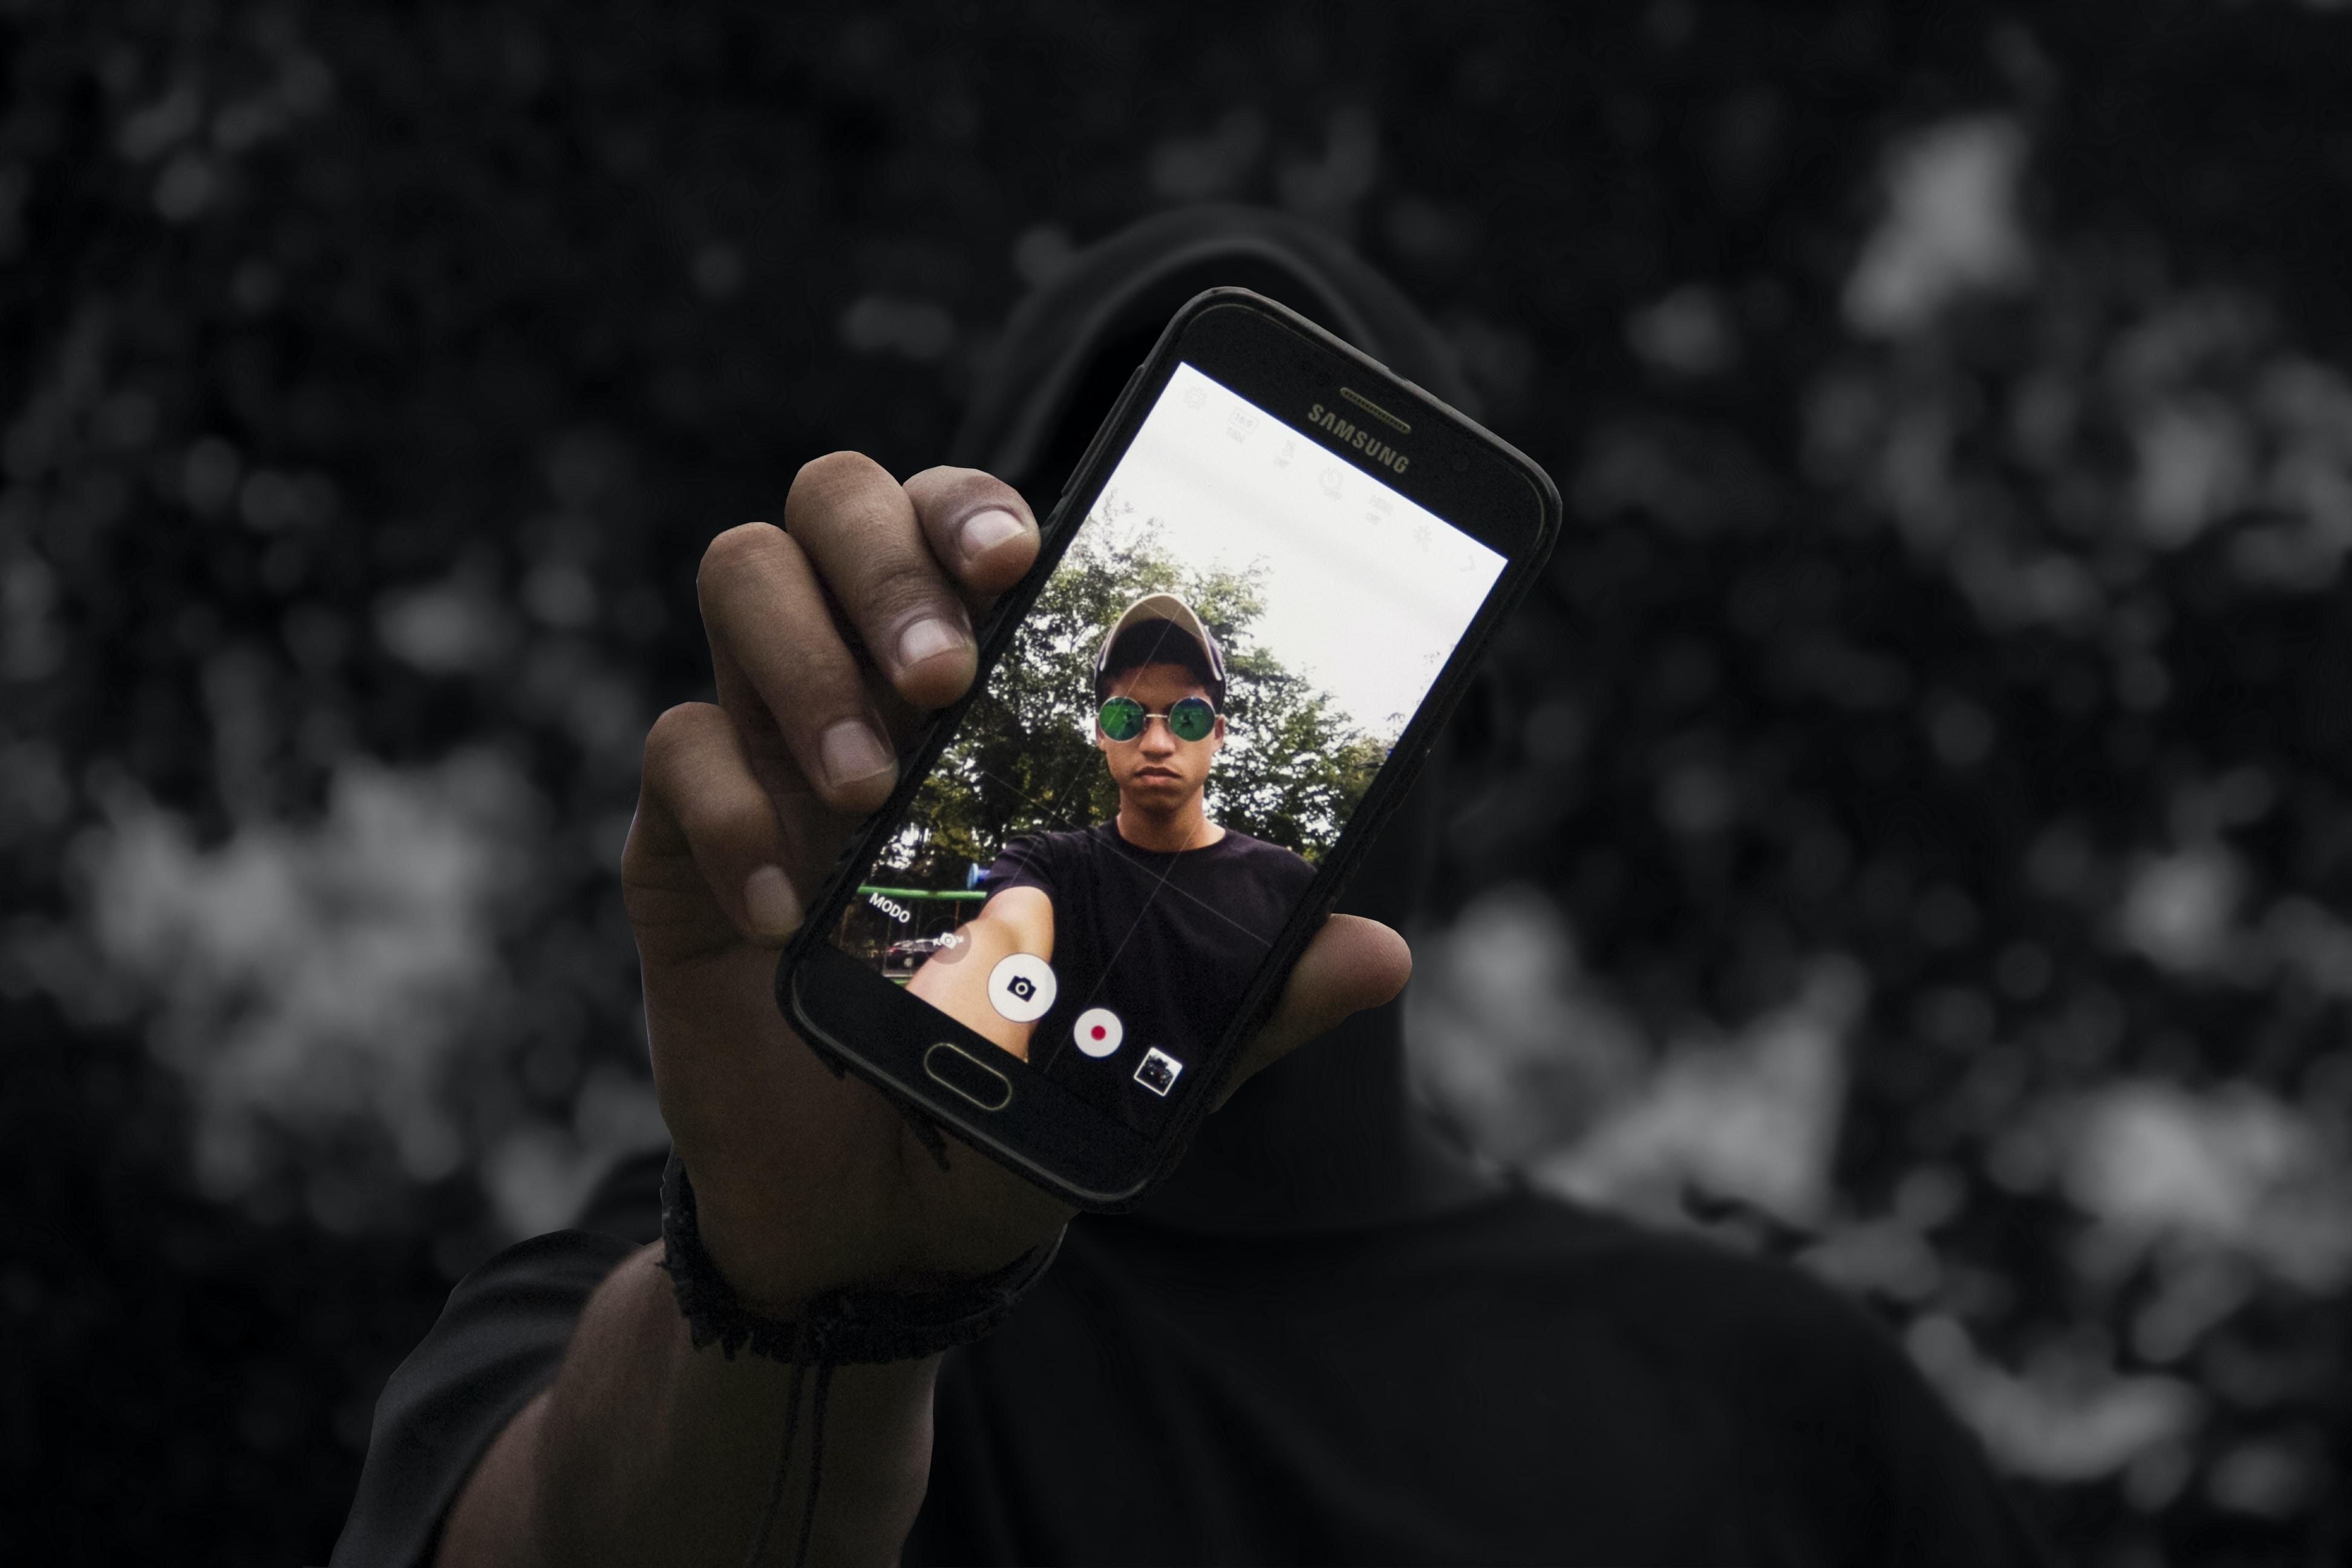 man wearing black shirt screengrab